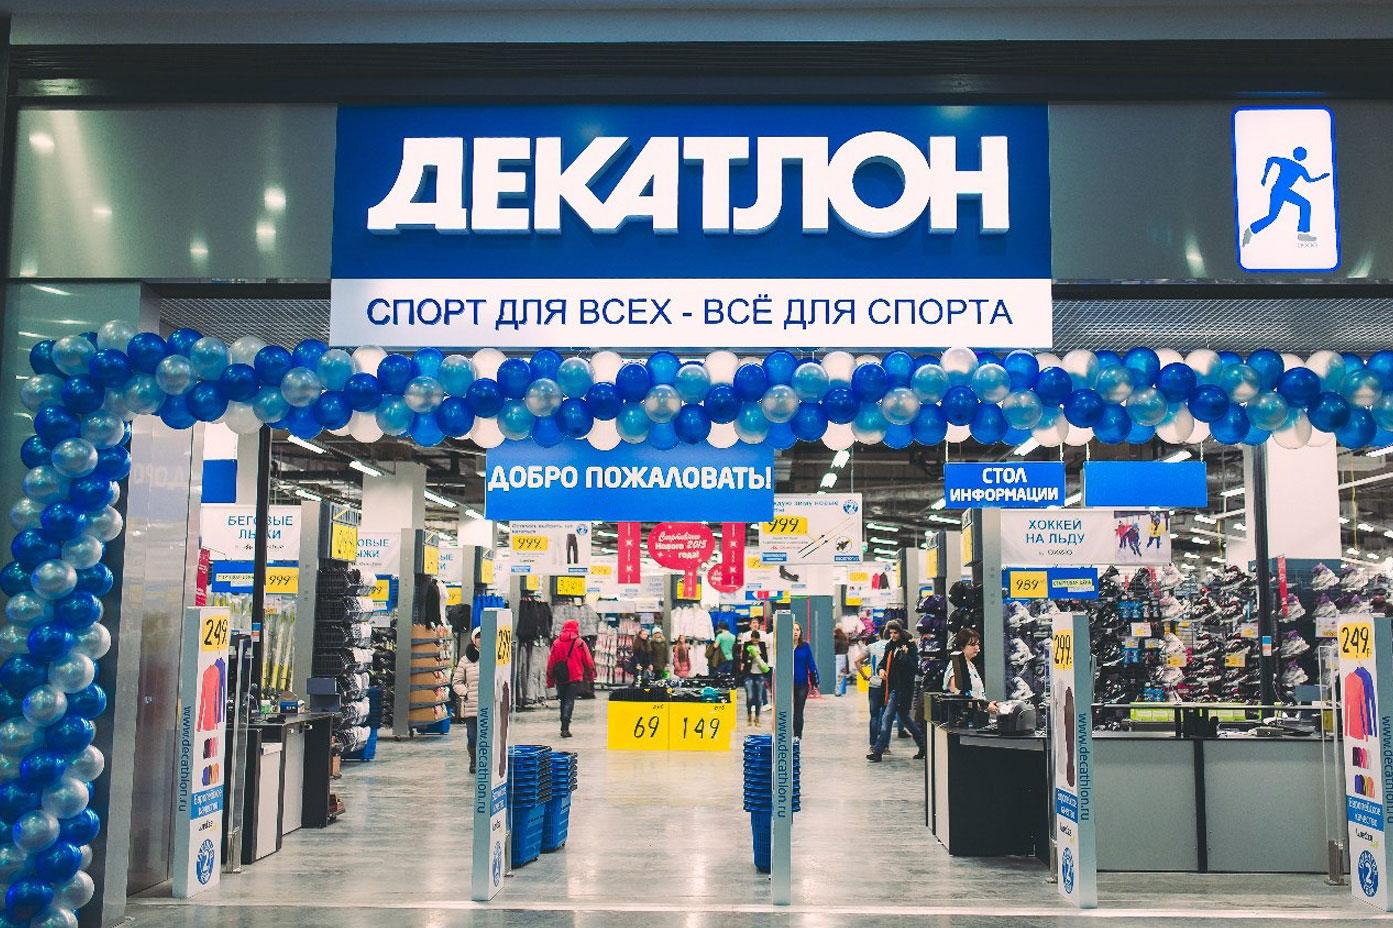 Скидка 7% в гипермаркете спортивных товаров Декатлон